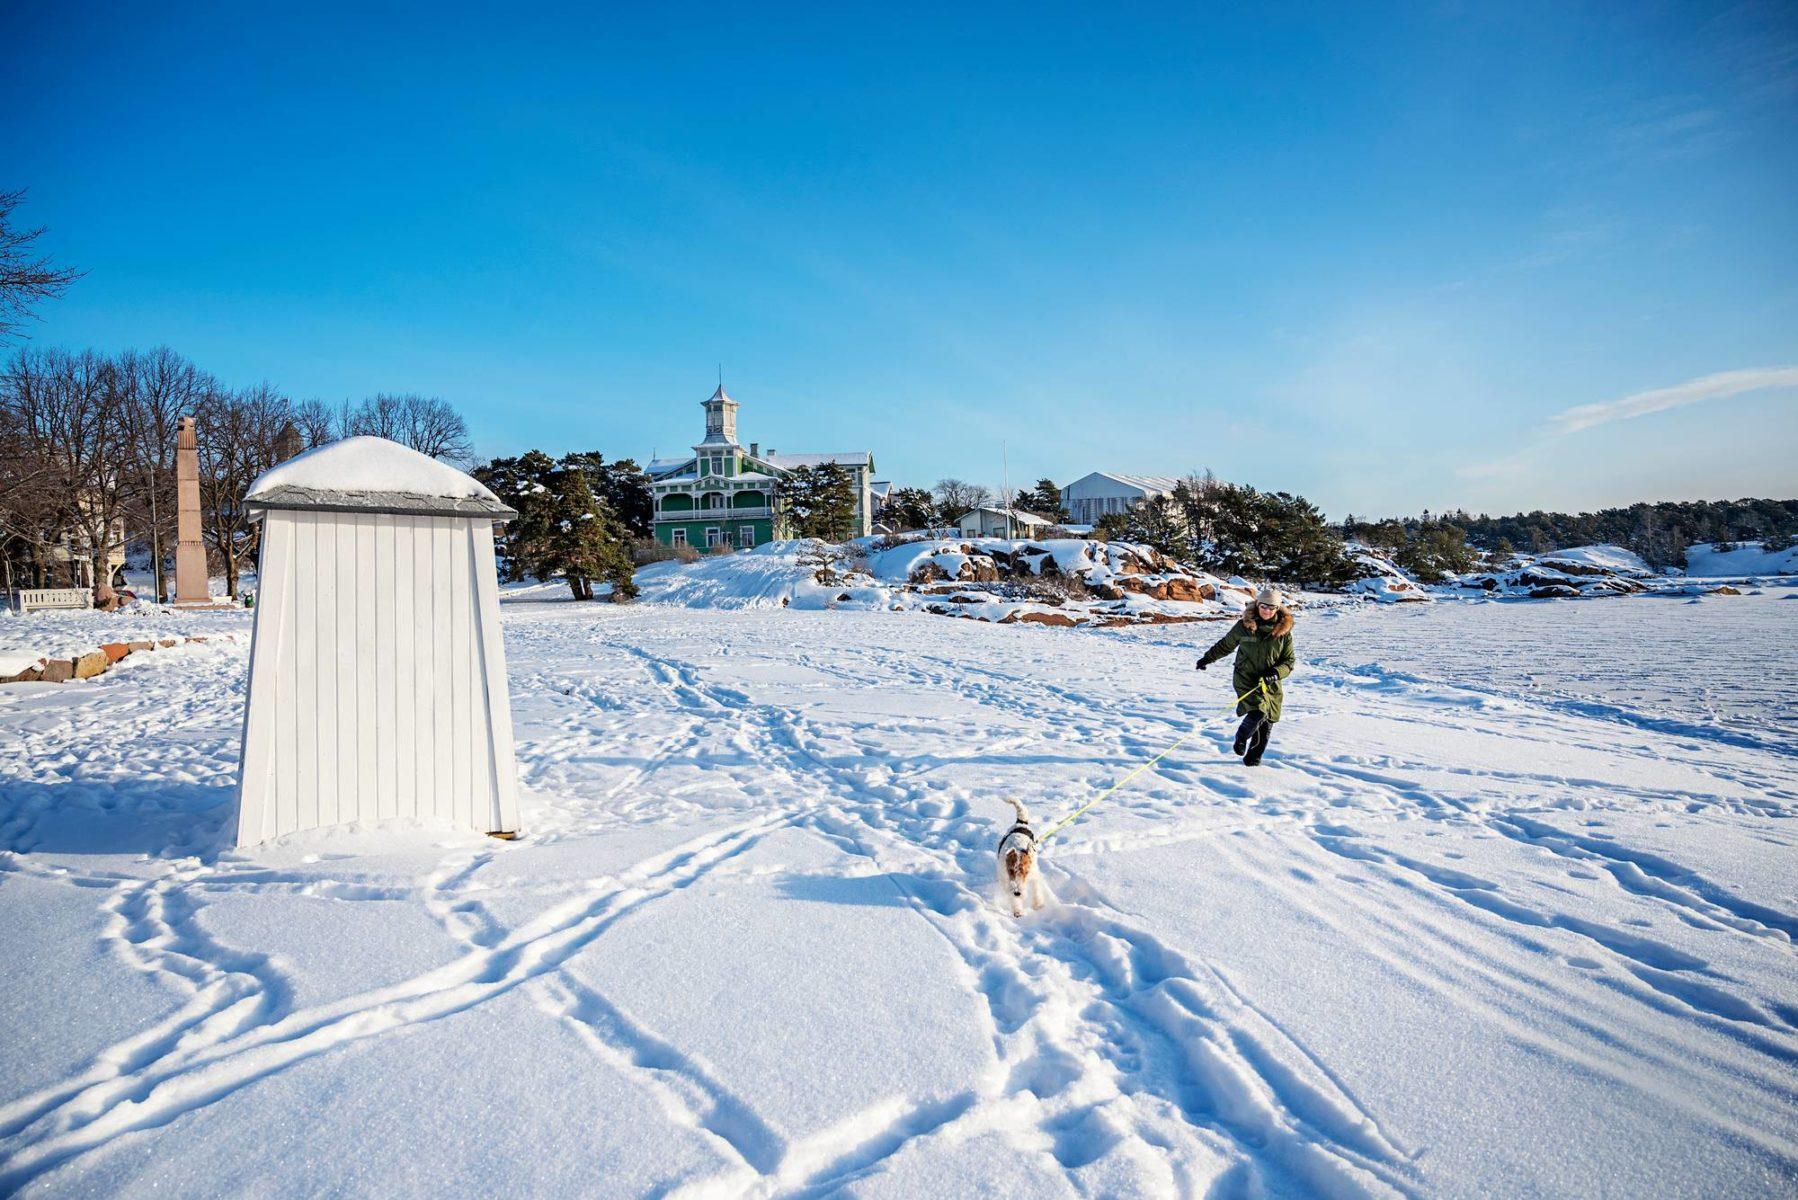 Hangon rannoilla on tänä talvena nautittu auringosta, lumesta ja jäästä. Vihreä Tellinan huvila on rakennettu vuonna 1880 ja toimii pensionaattina.